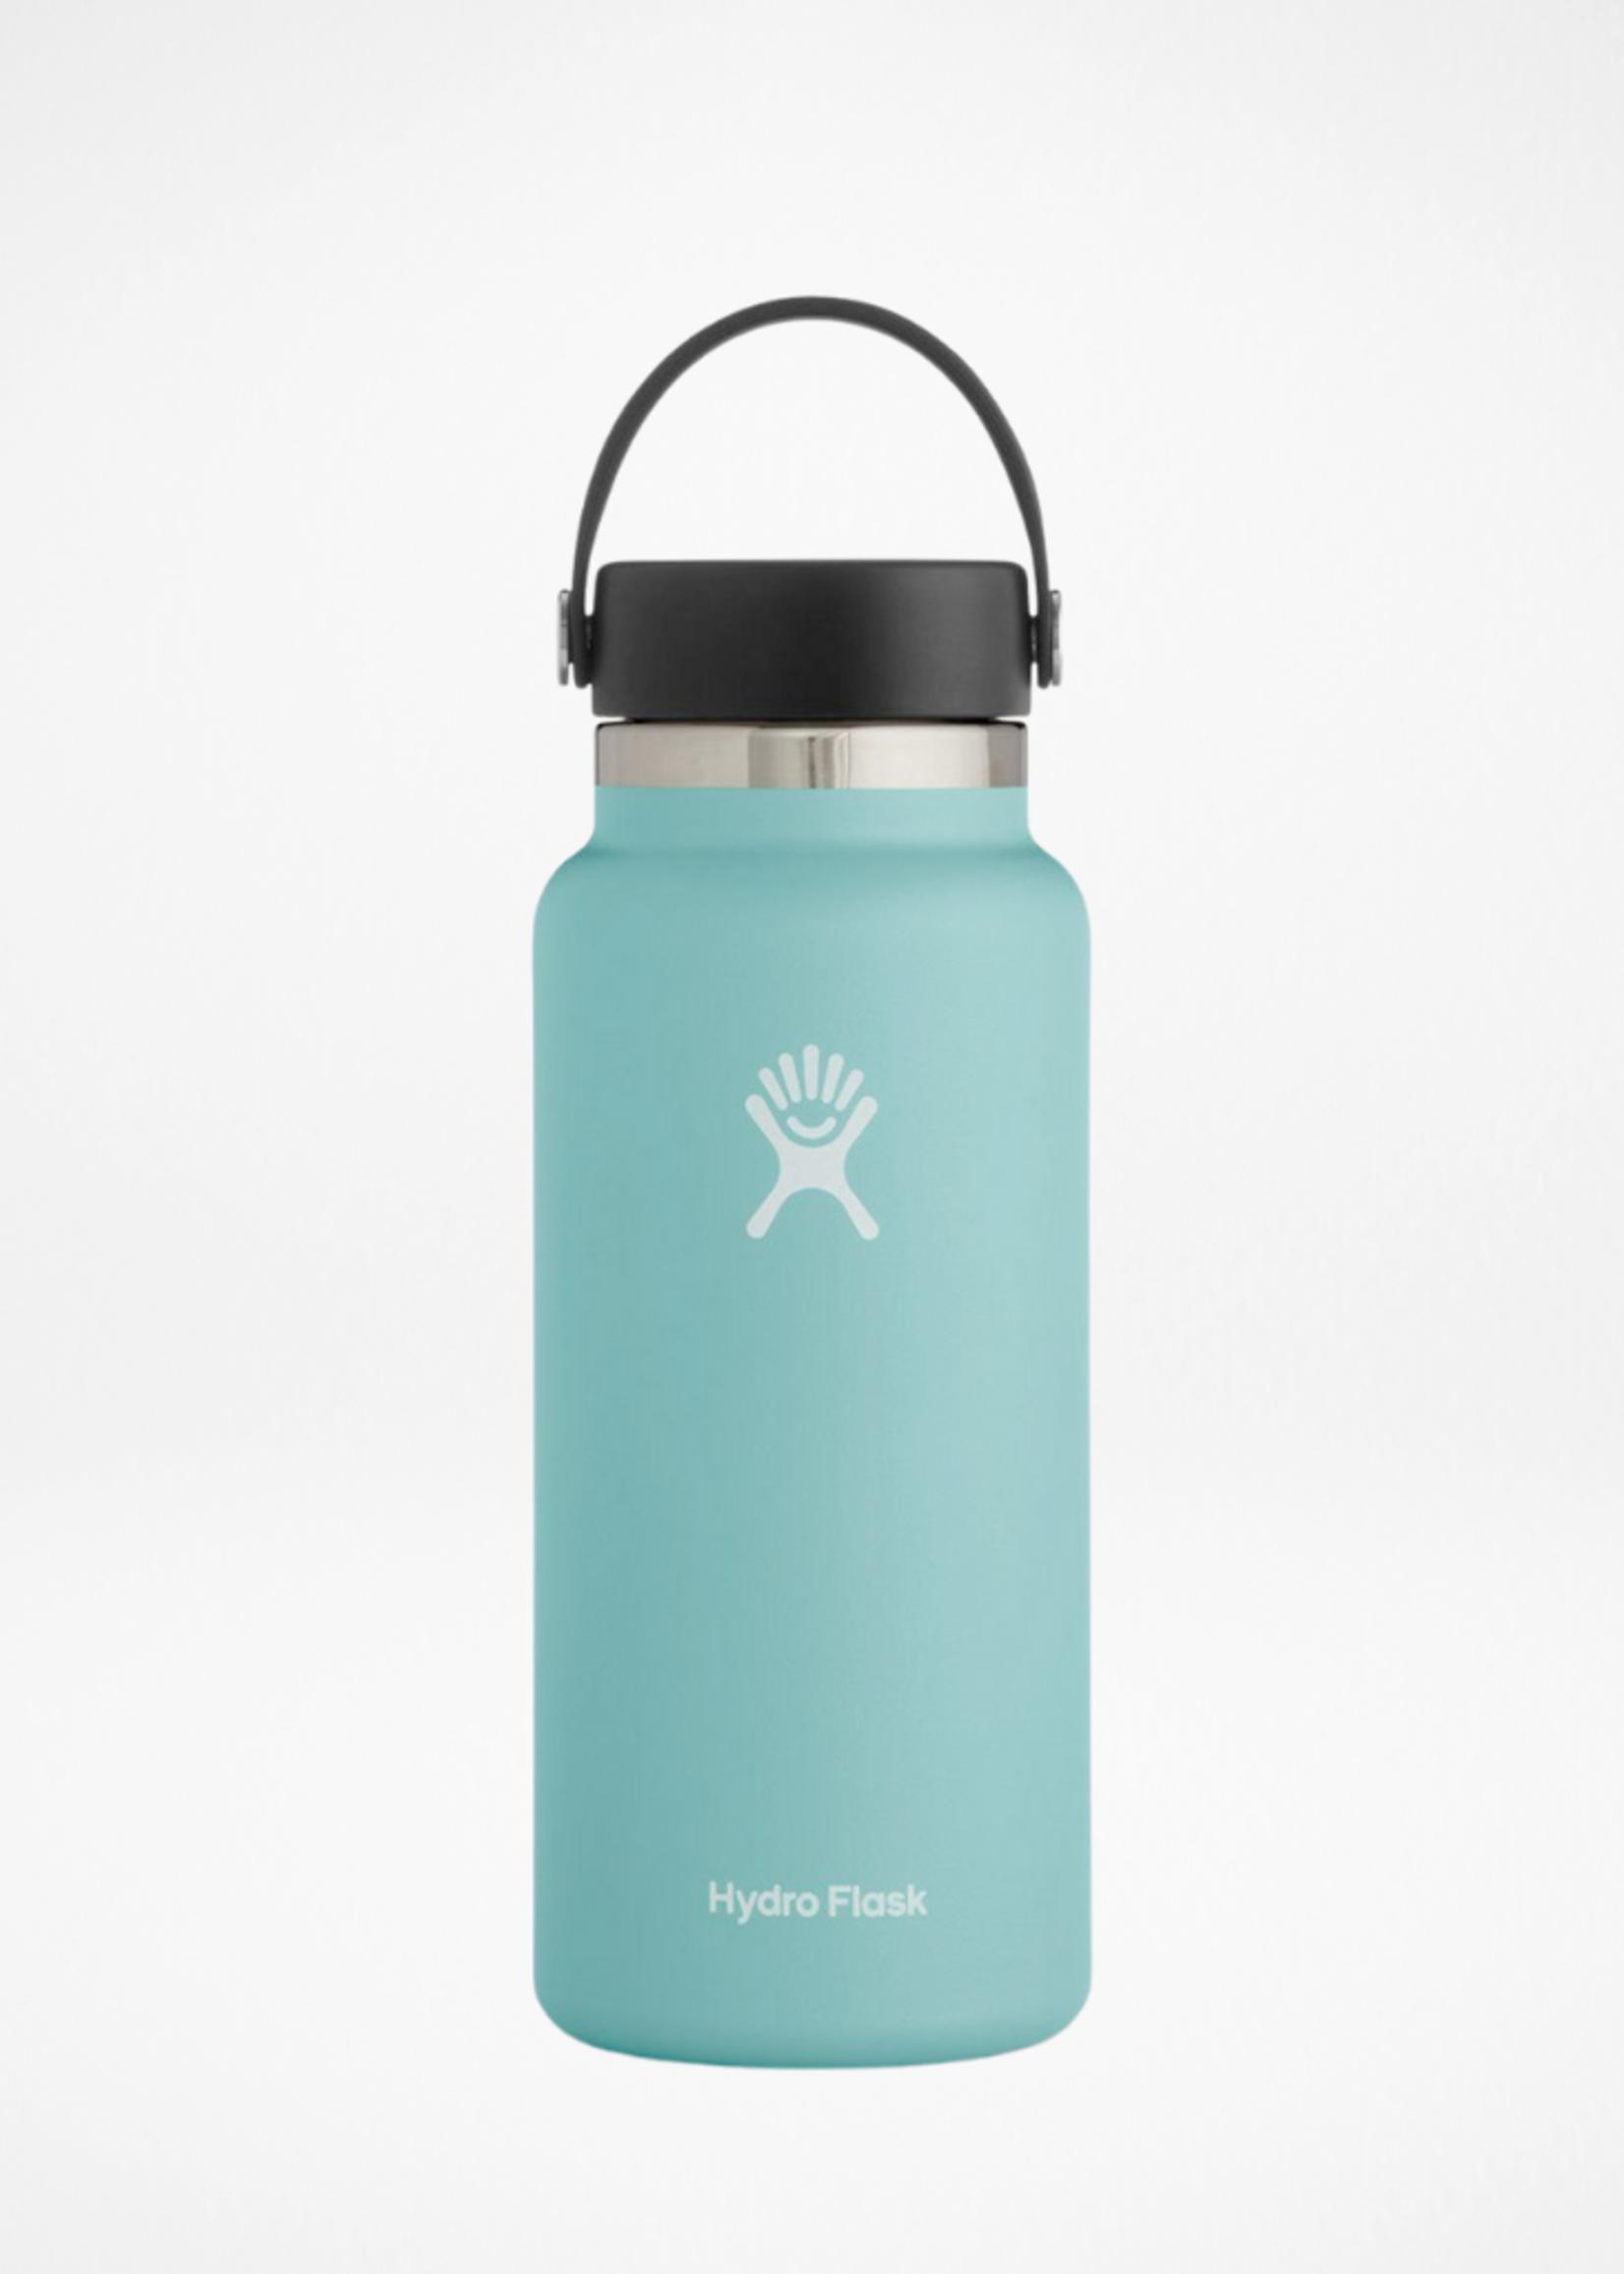 Hyrdo Flask 21 HYDRO FLASK WIDE FLEX CAP